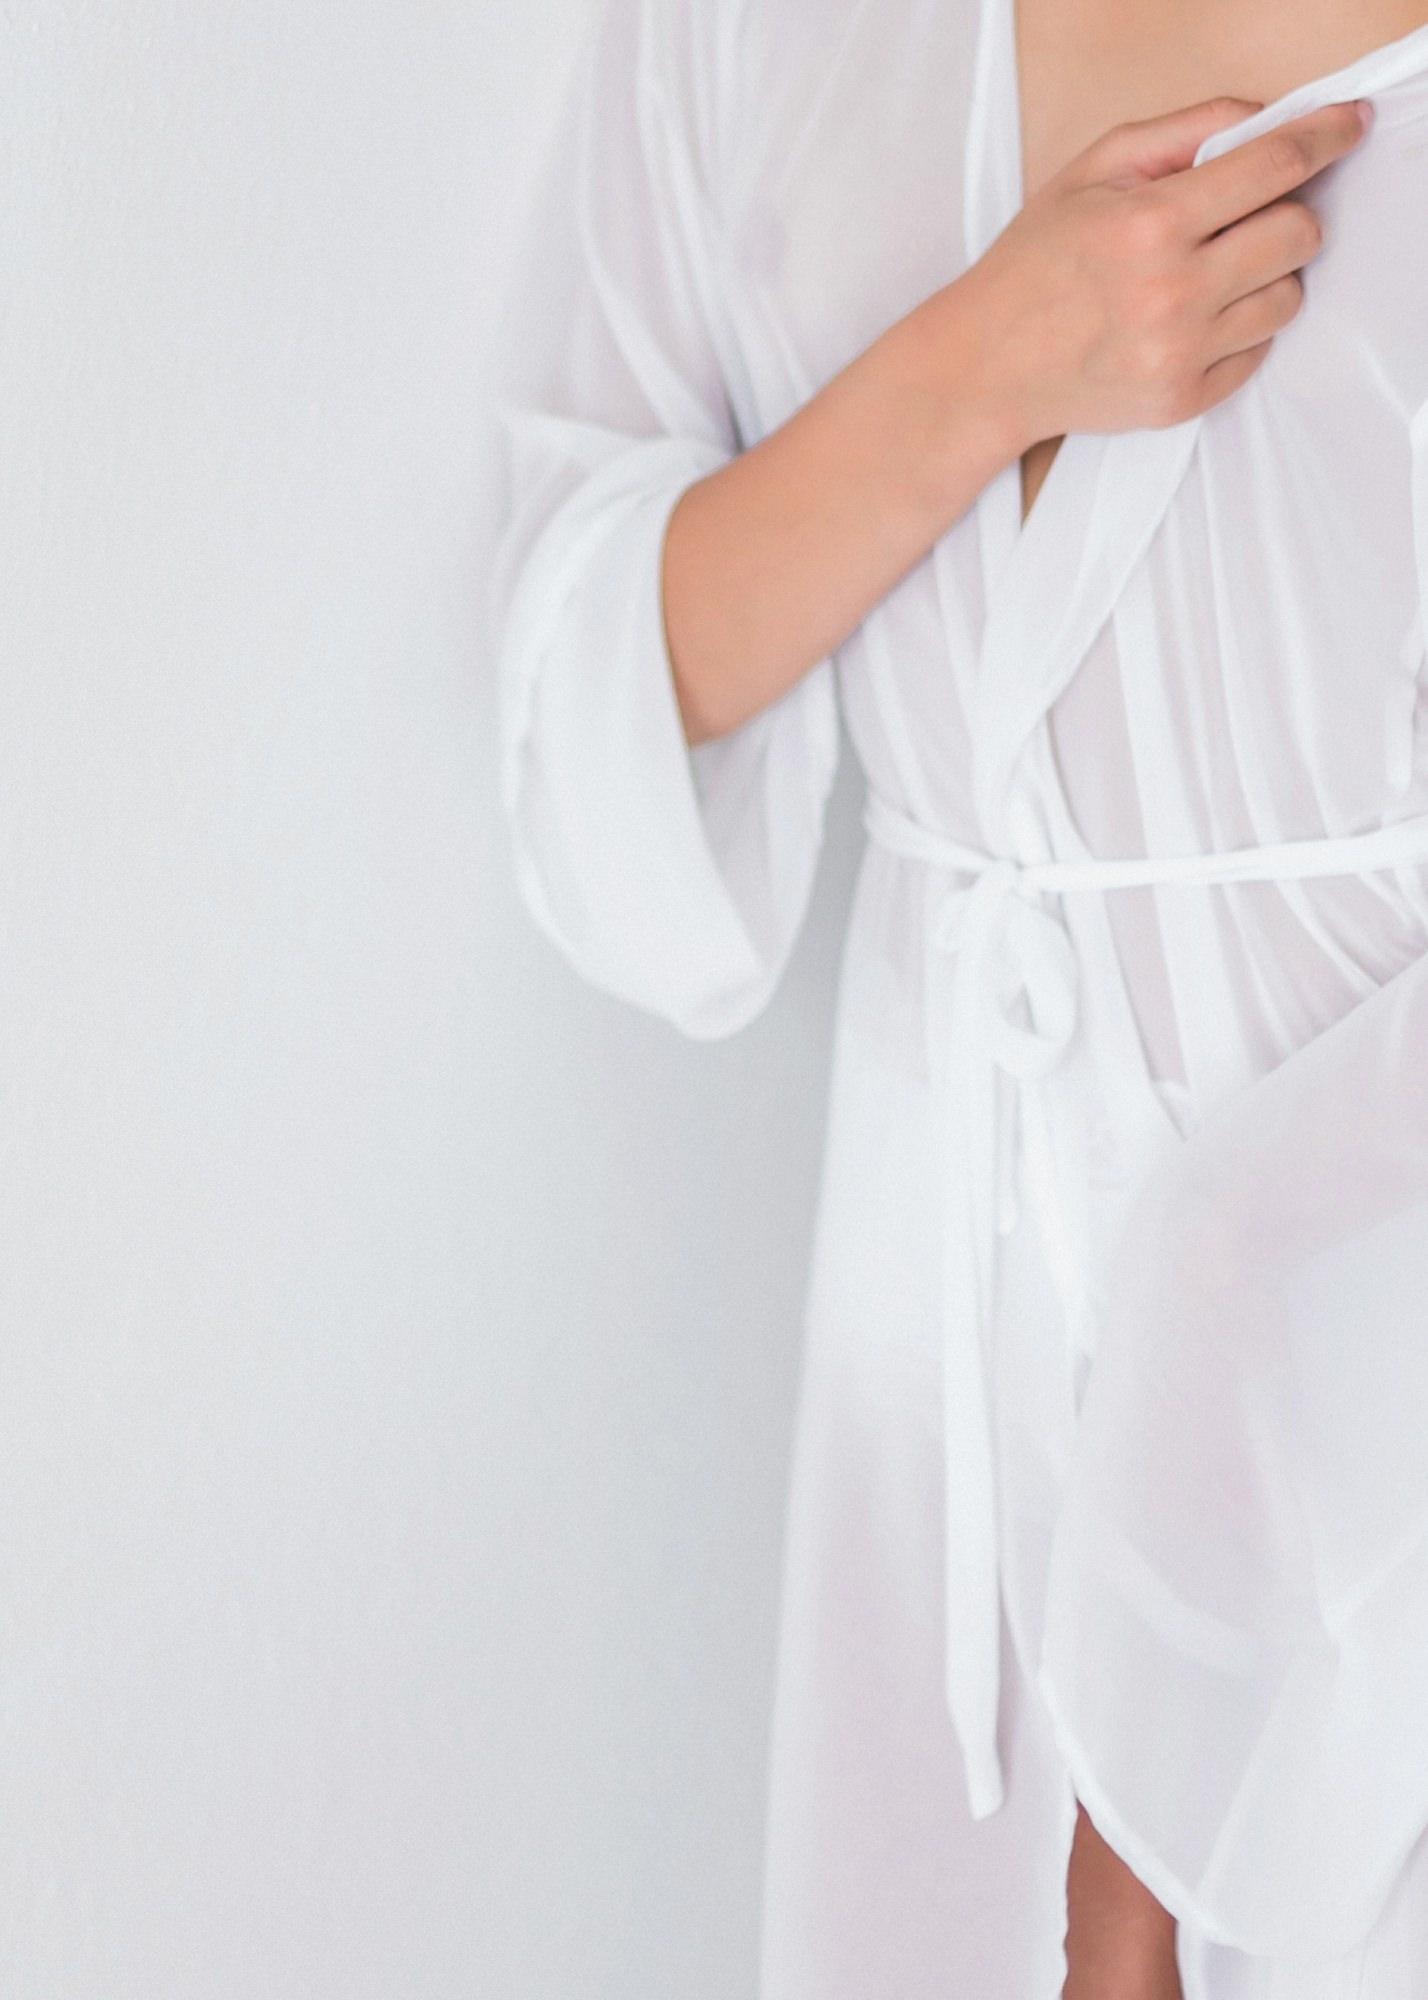 10-boudoir-santorini-wedding-photographer-greece-v